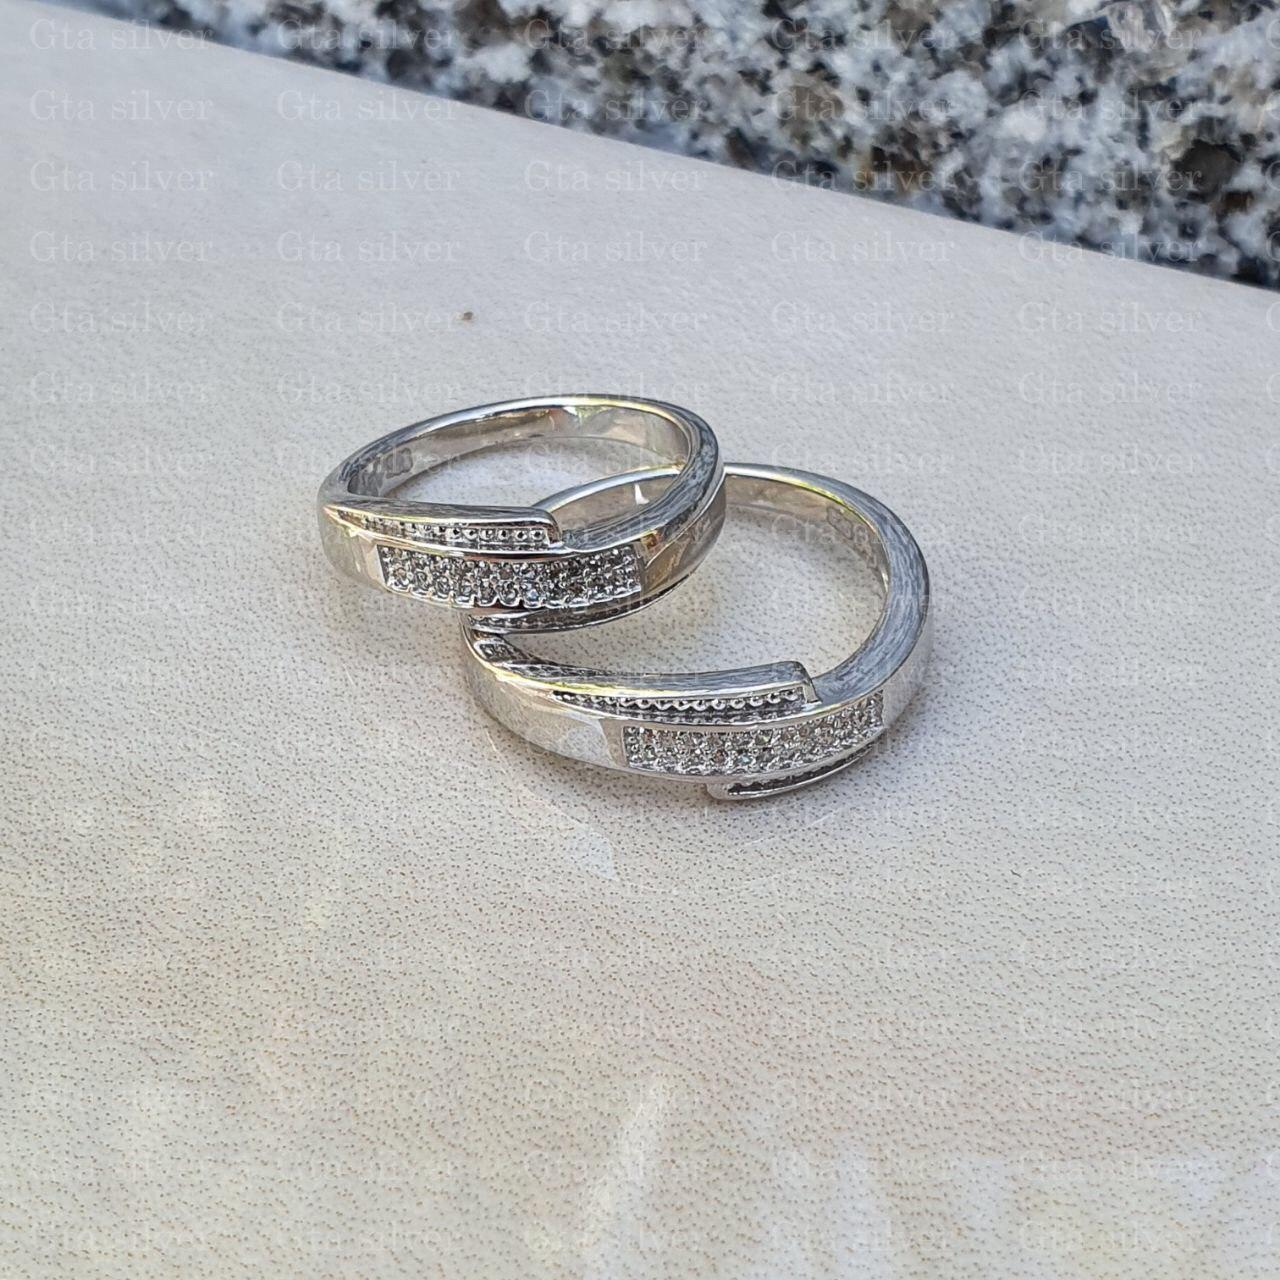 ست حلقه ازدواج وزن 7 گرم مدل 46